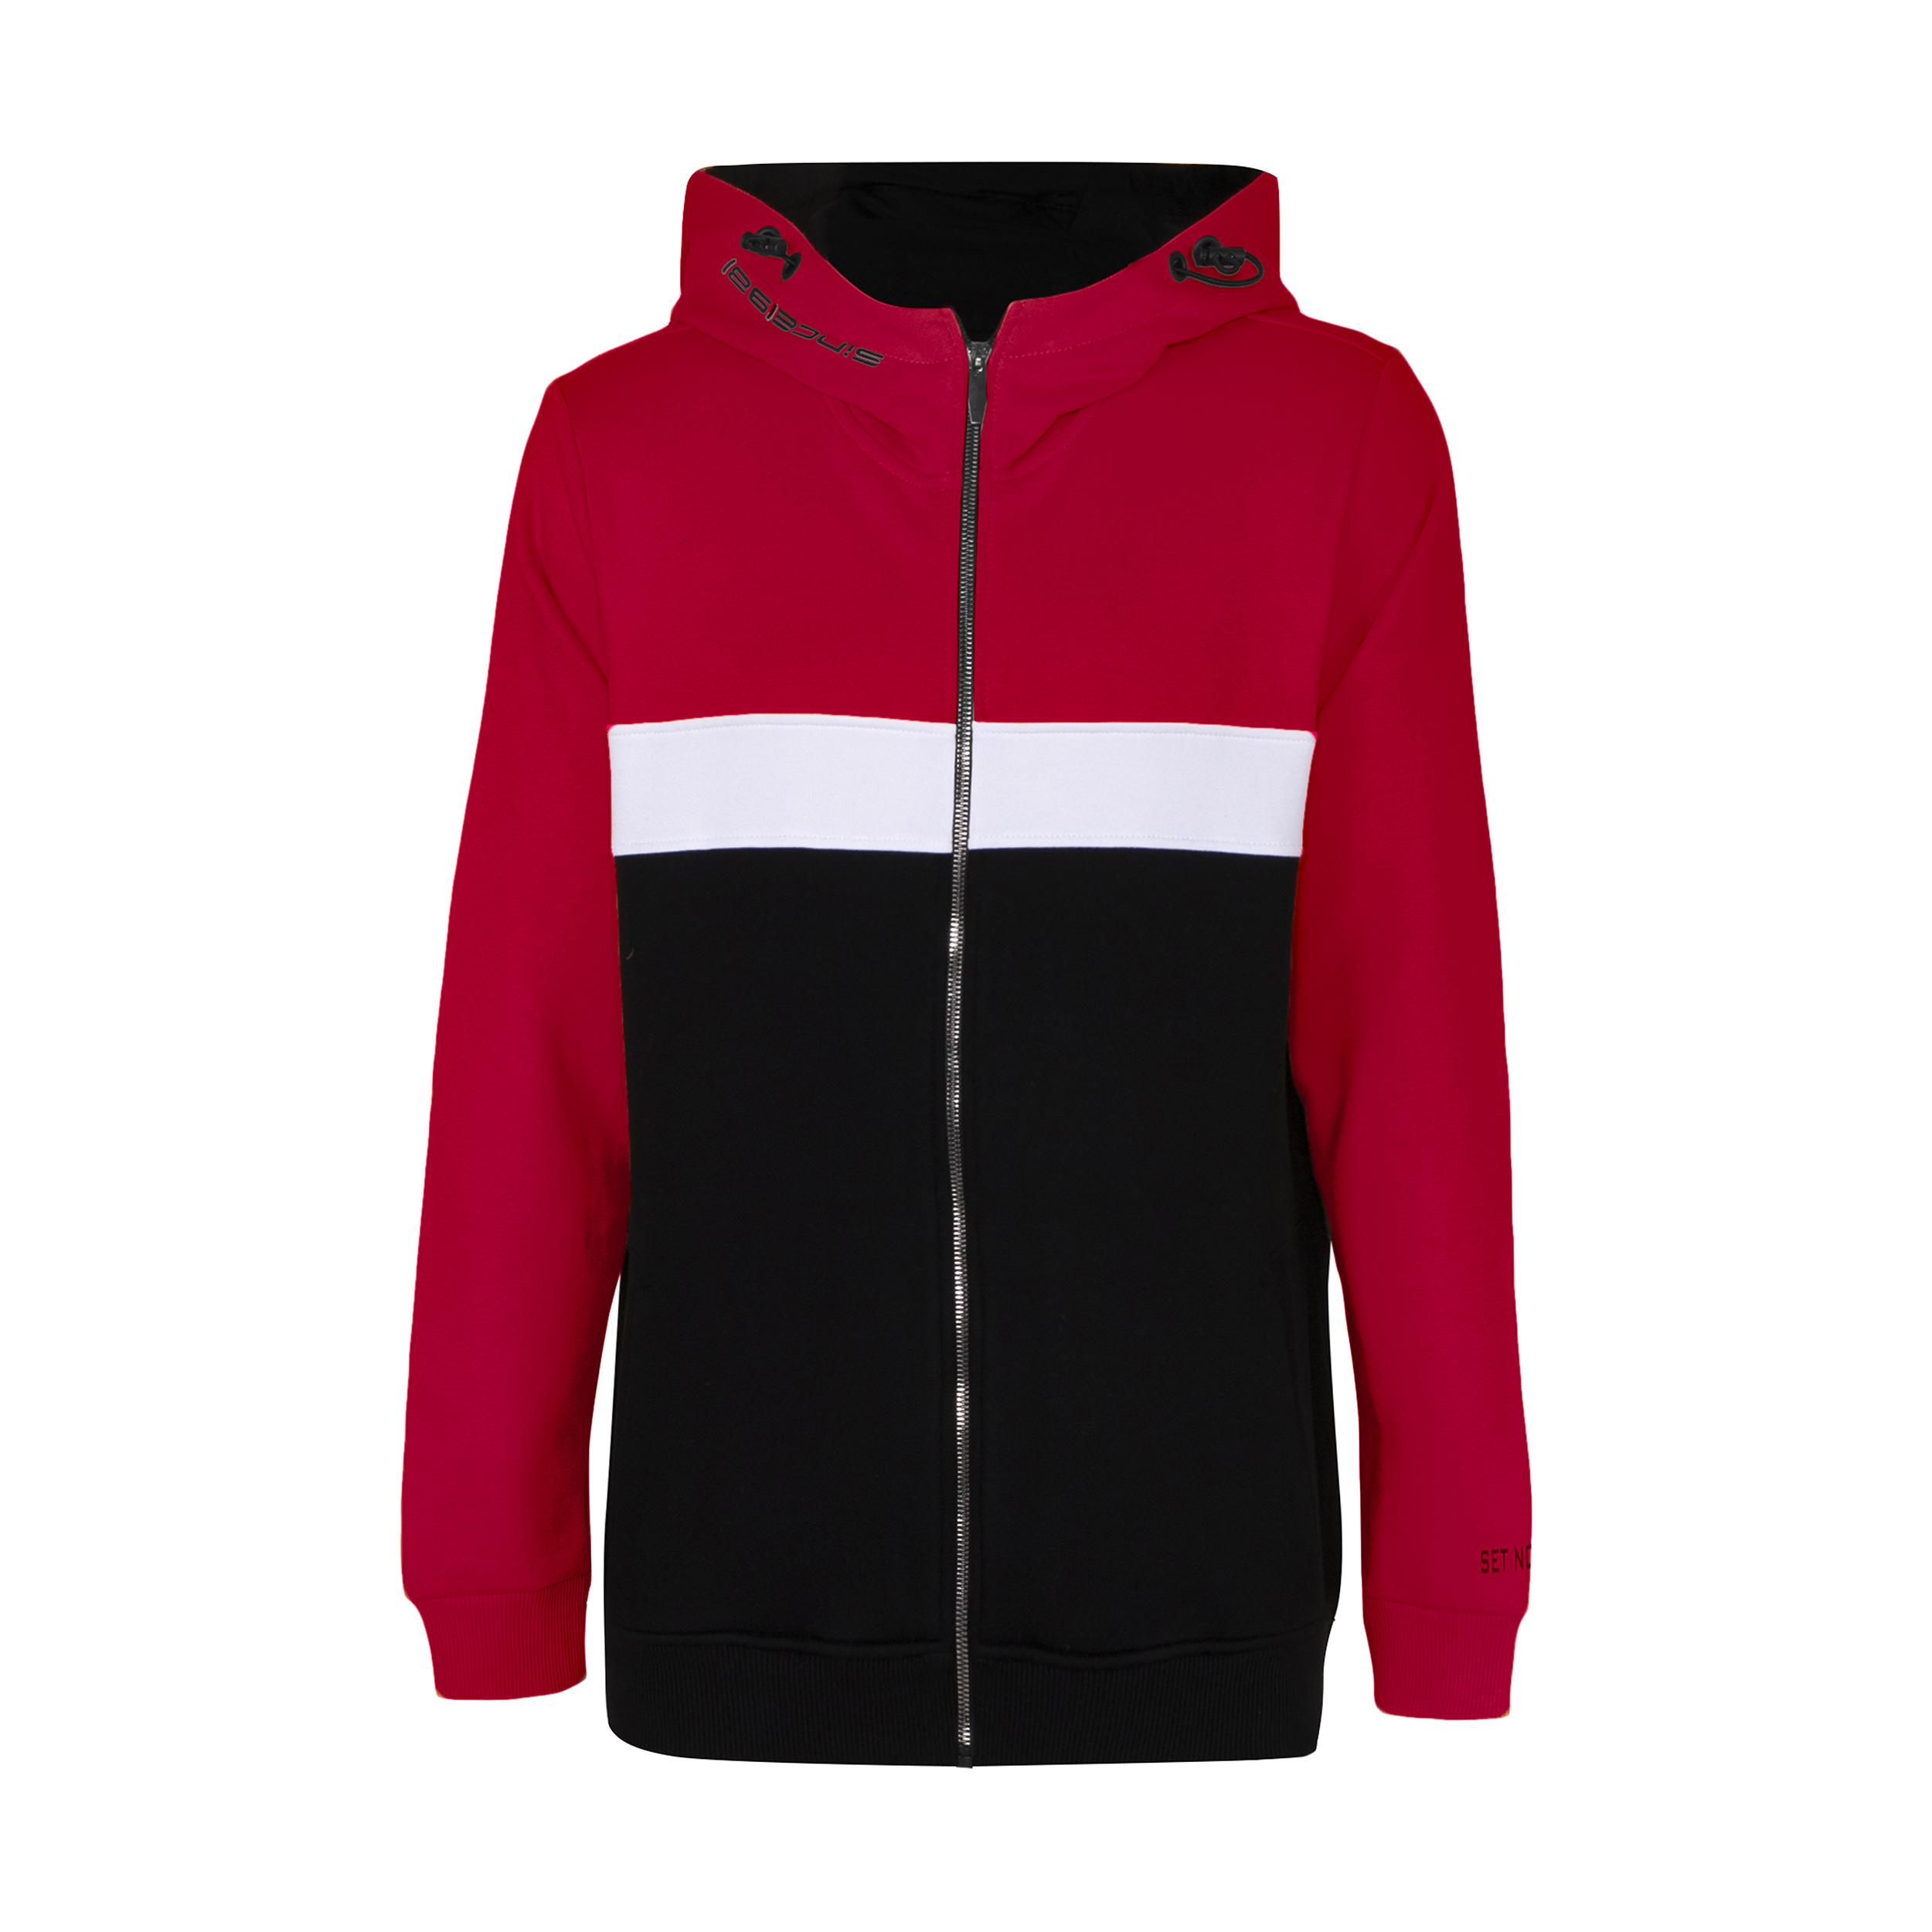 سویشرت ورزشی مردانه جامه پوش آرا مدل 4101289043-7299